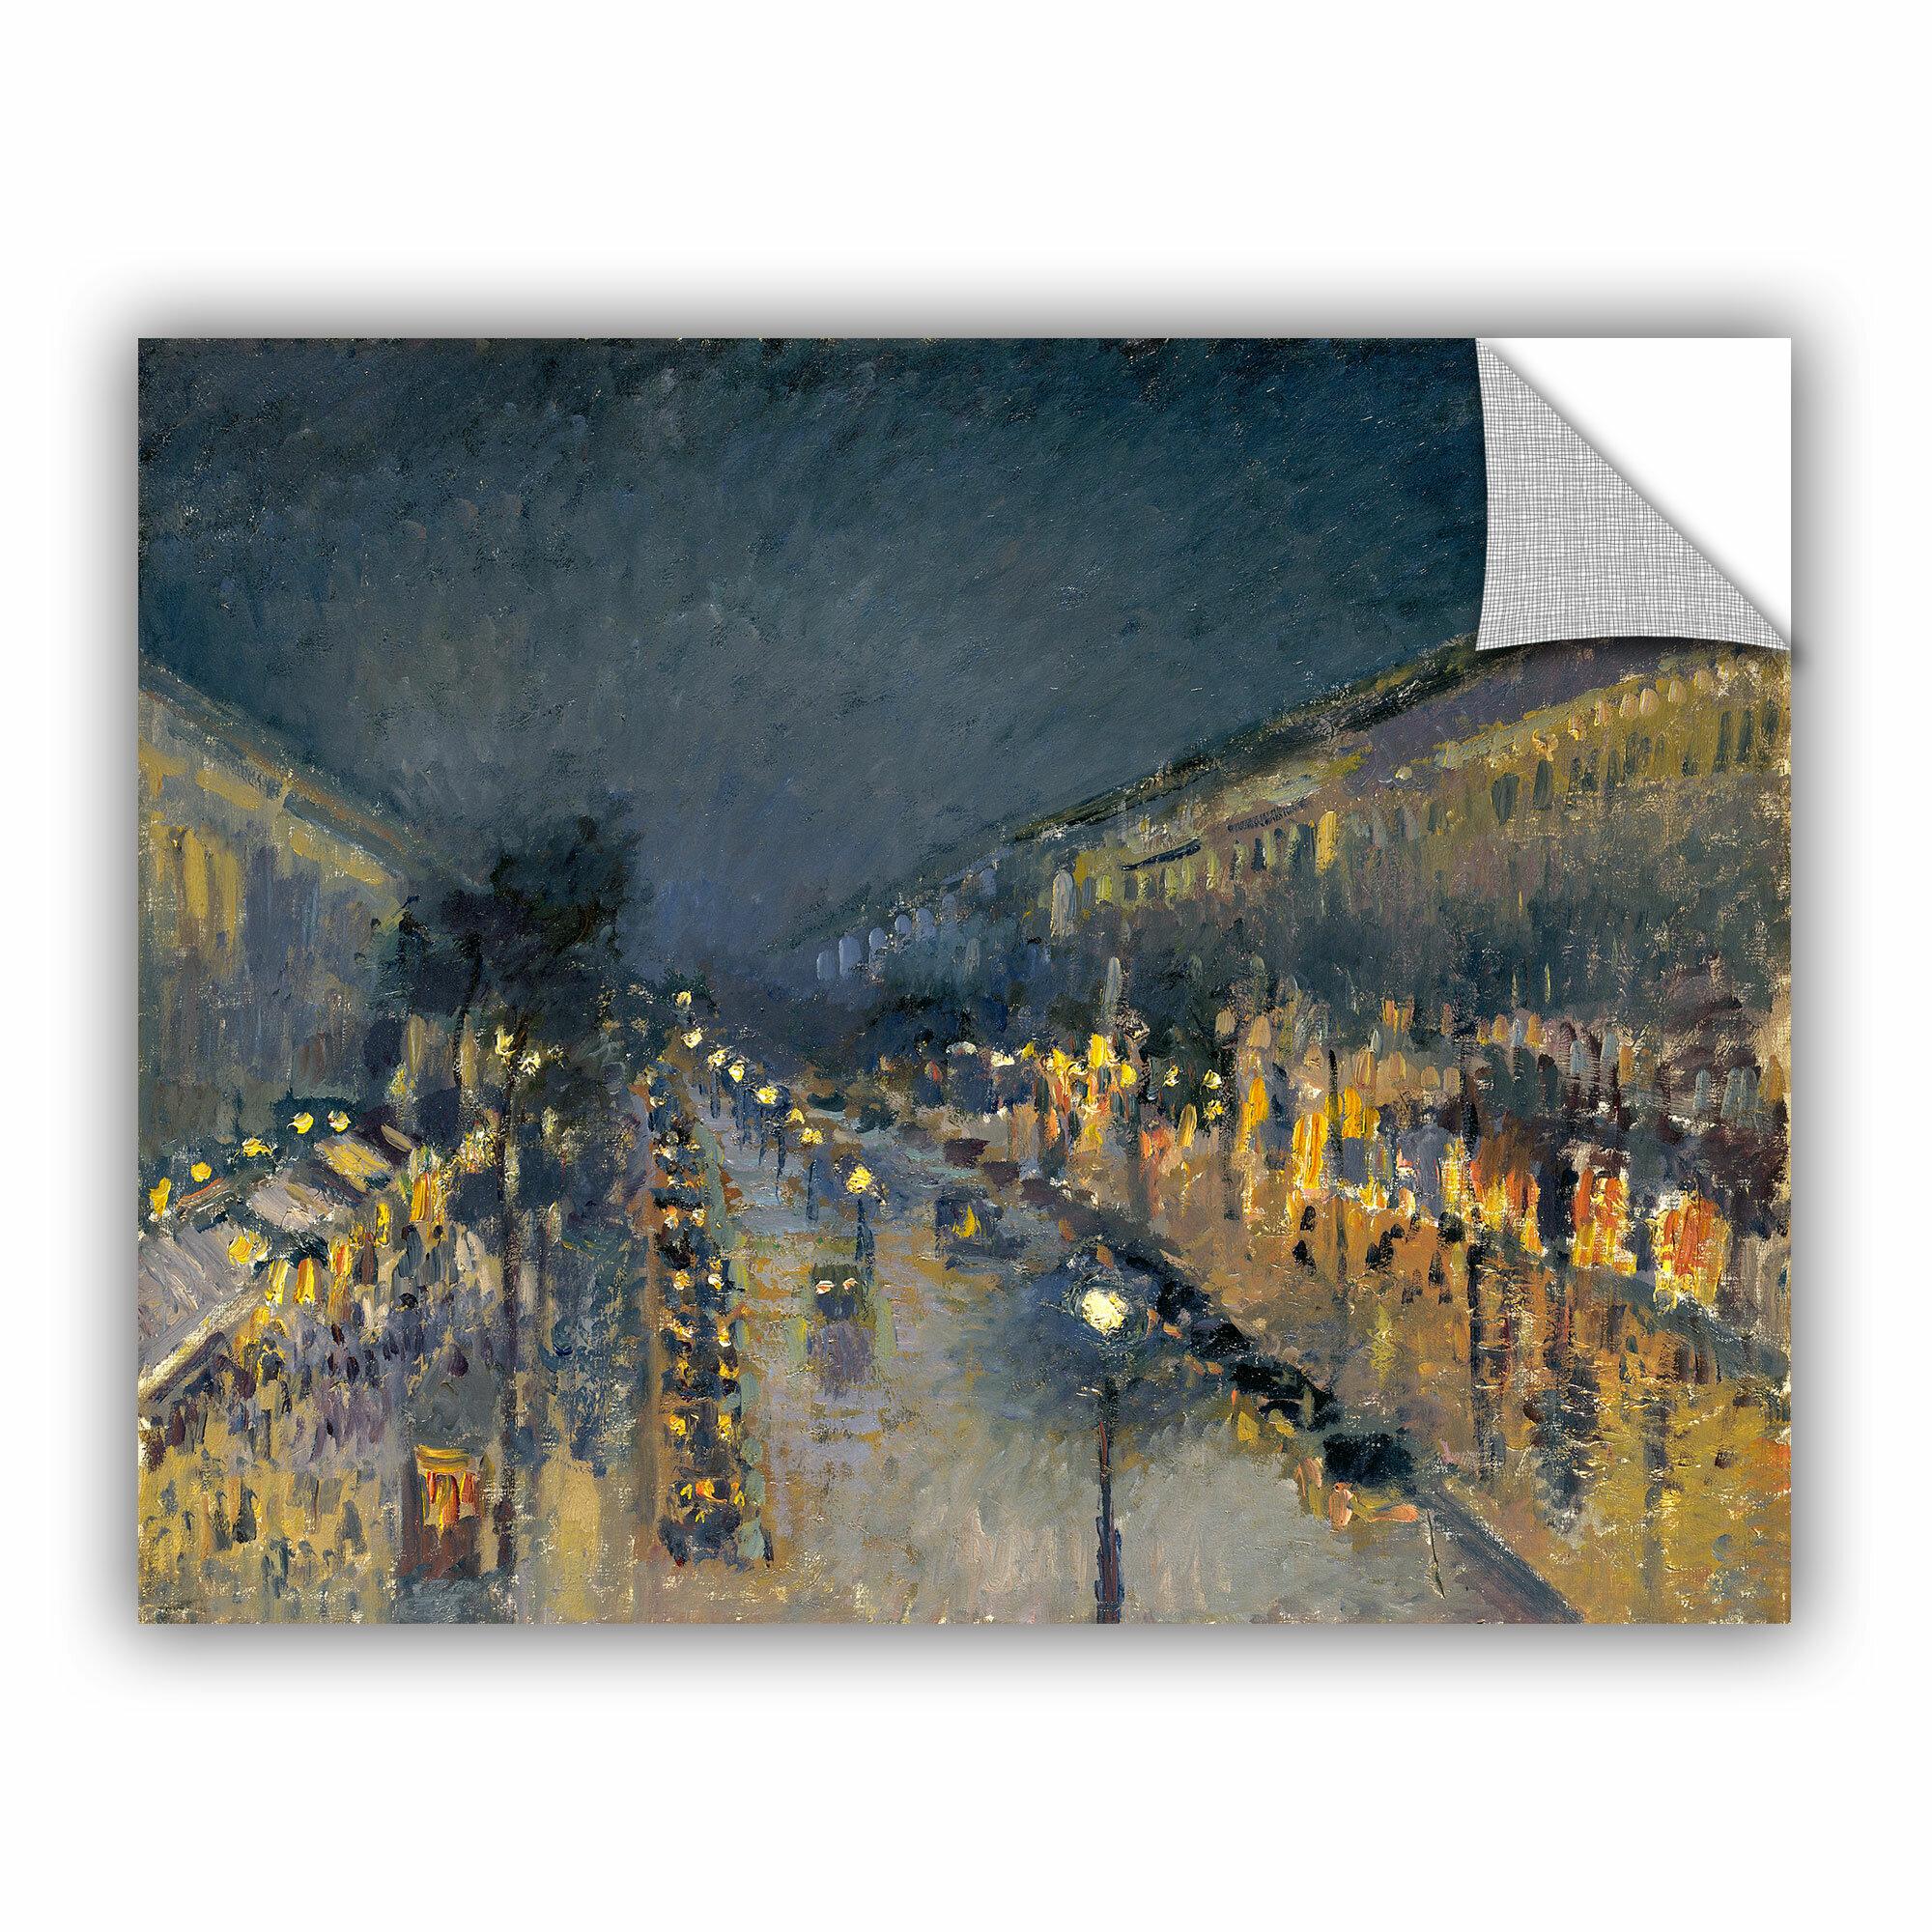 Artwall Bridgeman Camille Pissarro The Boulevard Montmartre At Night 1897 Wall Decal Wayfair